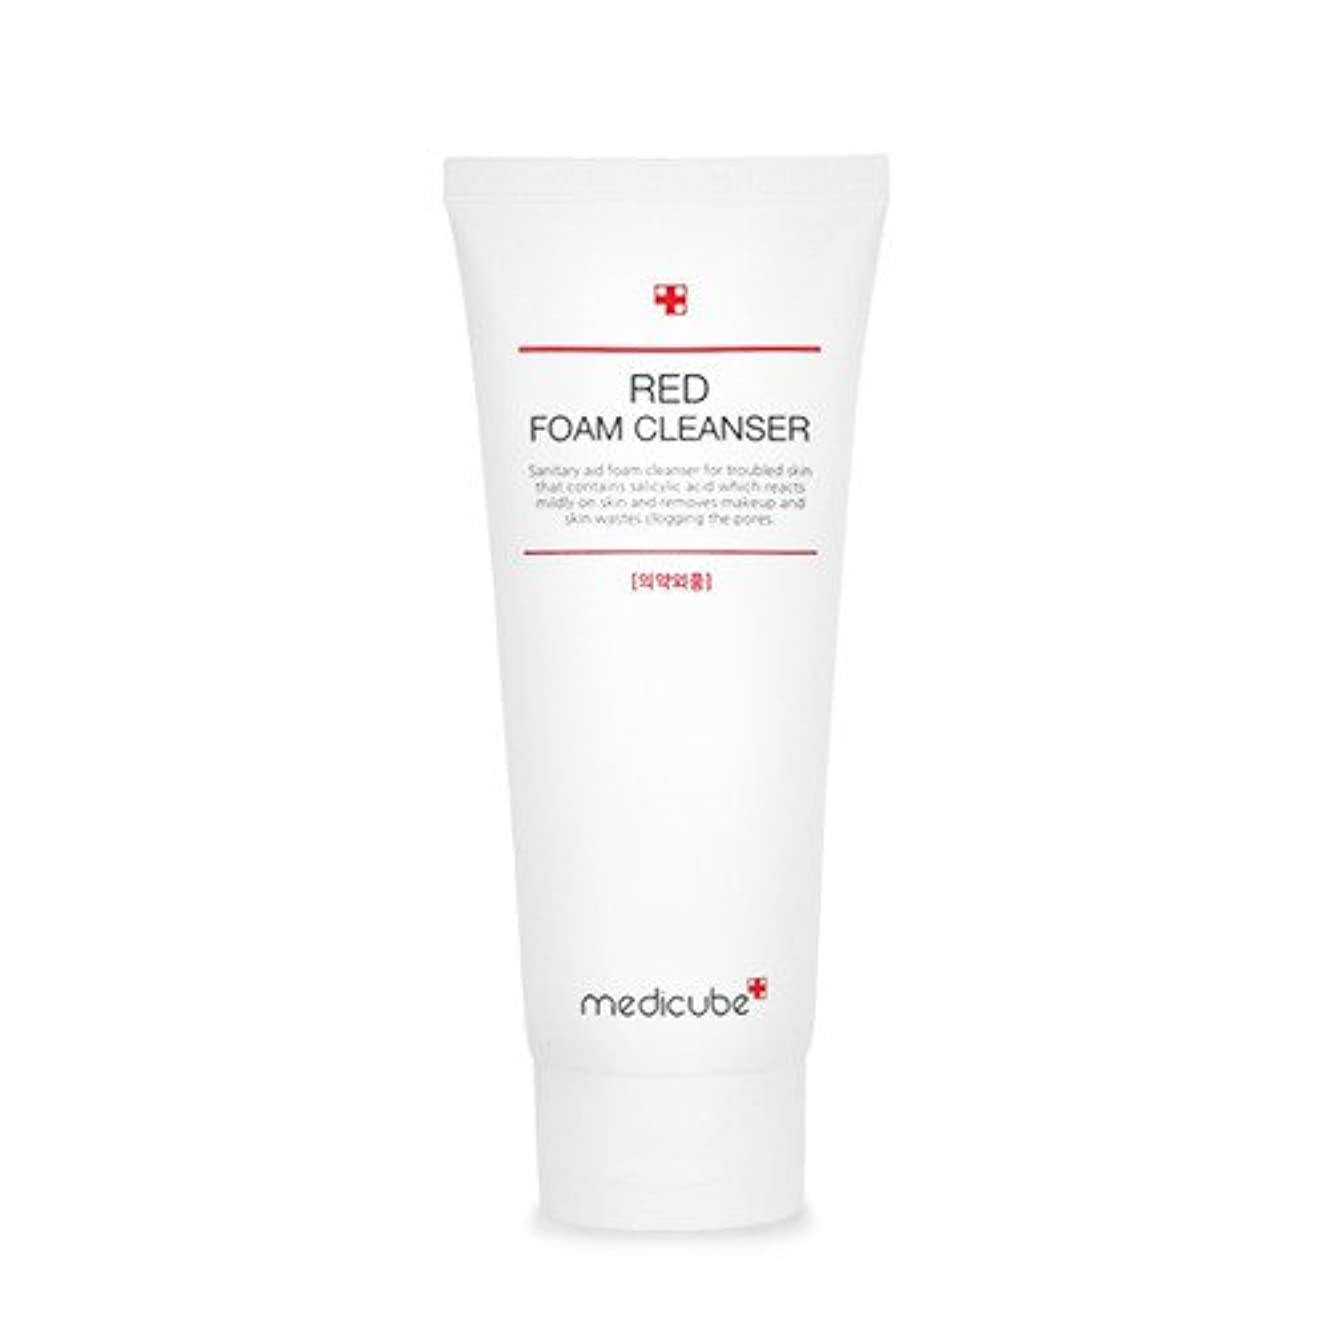 反論者飼料放棄された[Medicube]Red Foam Cleanser 120ml / メディキューブレッドクレンジングフォーム / 正品?海外直送商品 [並行輸入品]